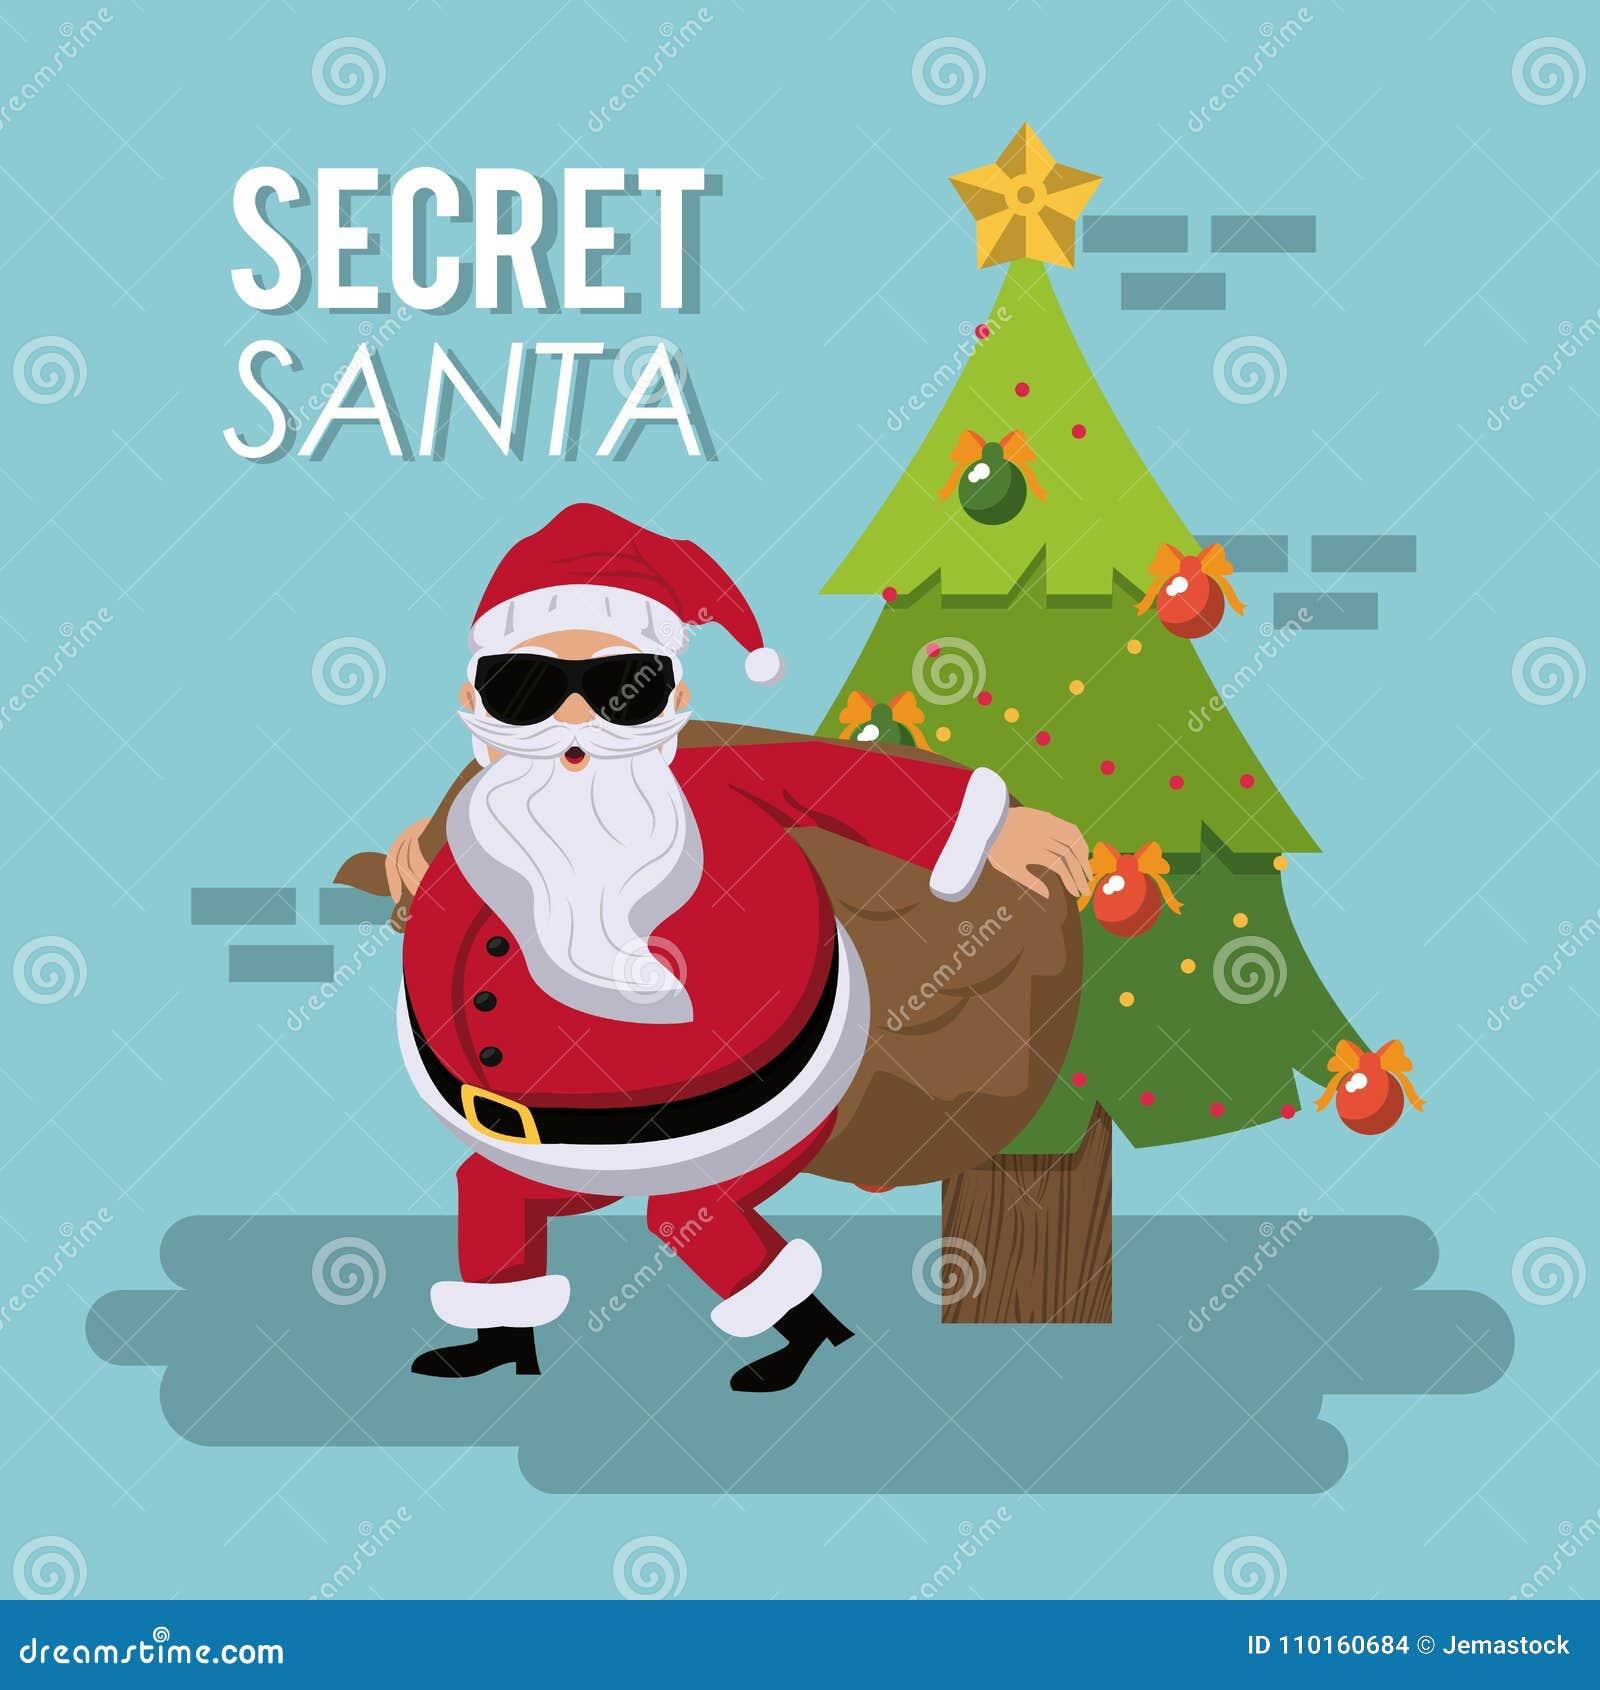 Secret santa cartoon stock vector illustration of greeting 110160684 download secret santa cartoon stock vector illustration of greeting 110160684 m4hsunfo